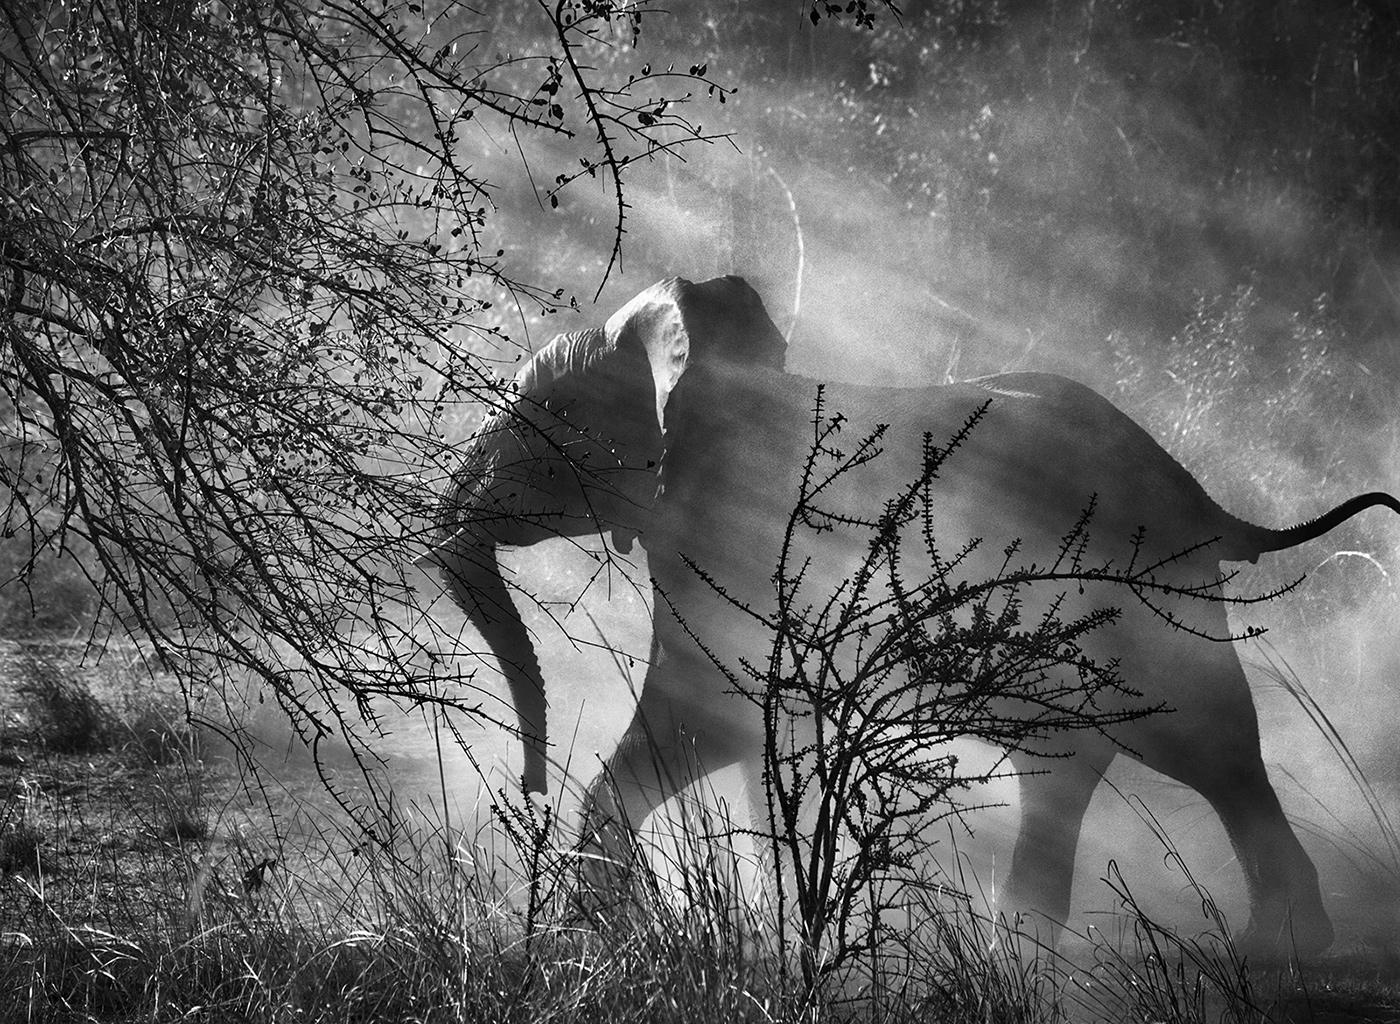 Фотографии живой природы, фотограф: Себастьян Сальгадо